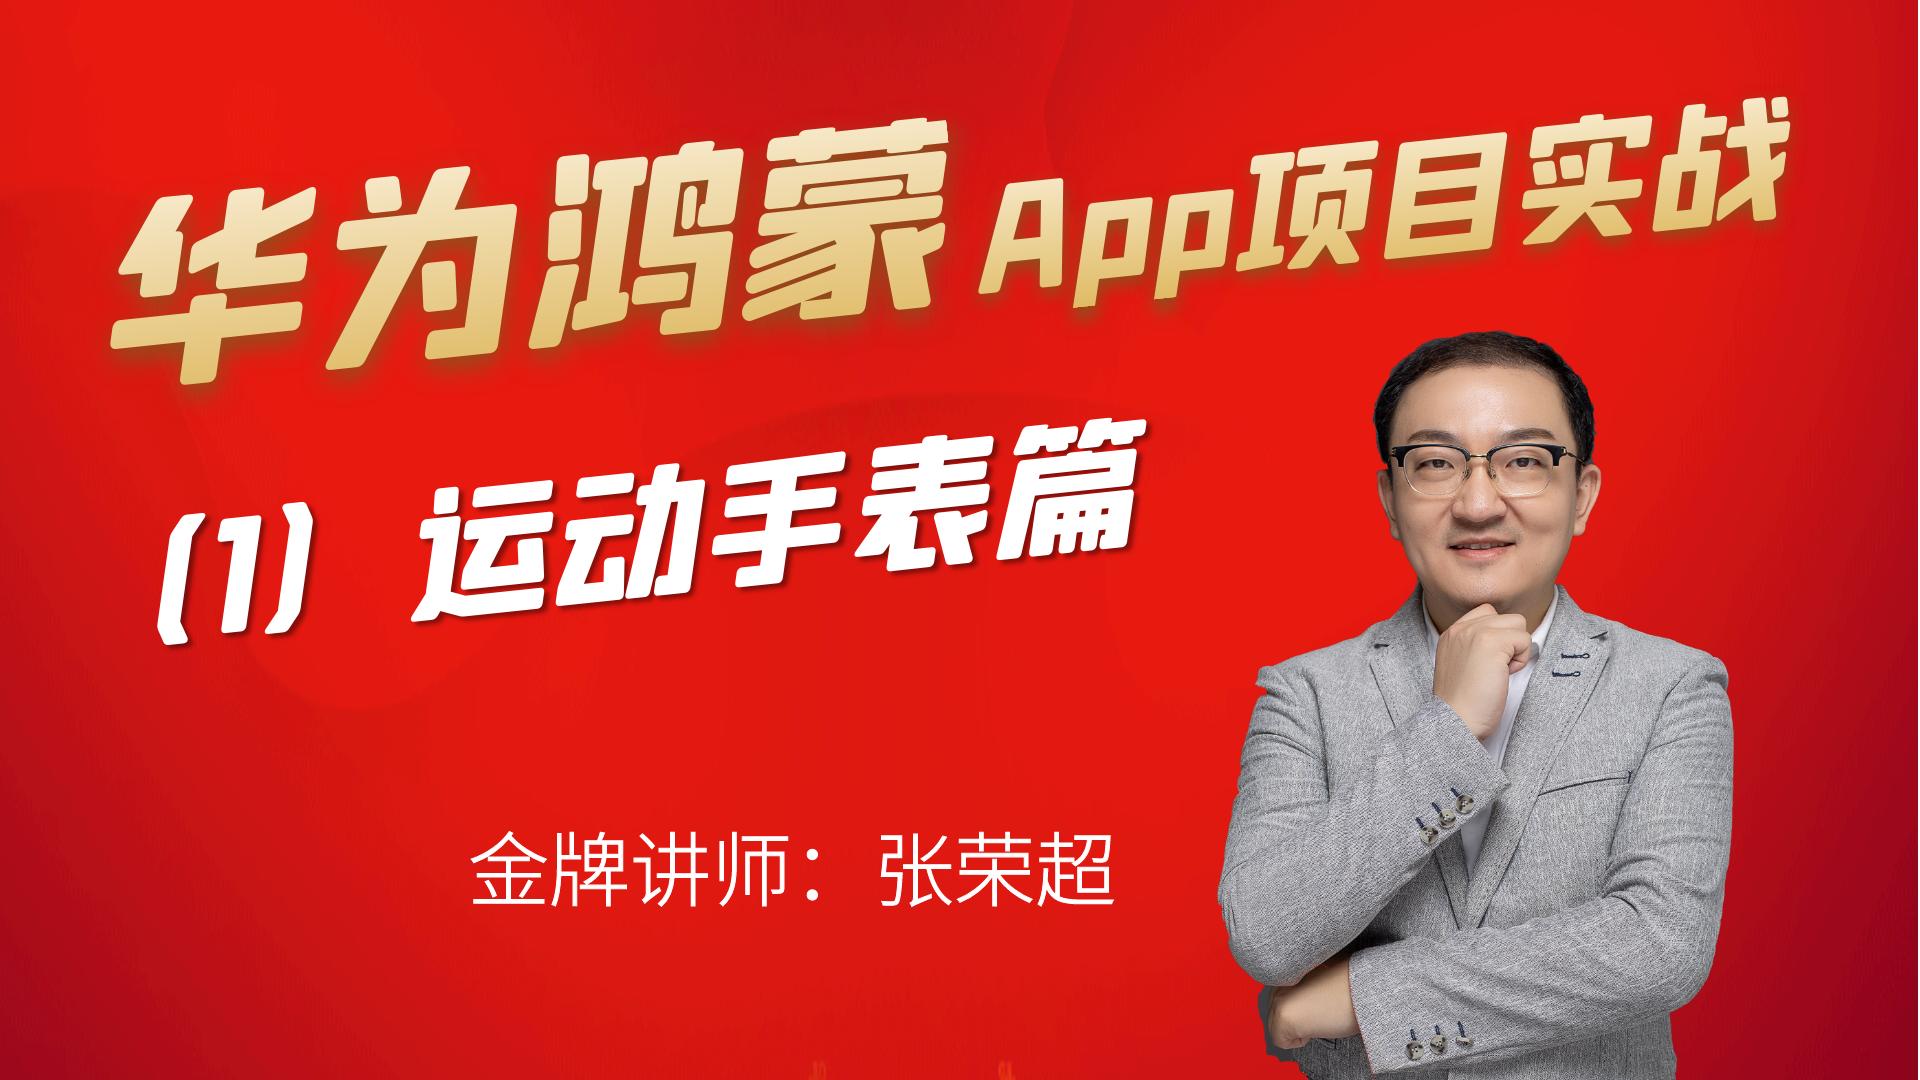 华为鸿蒙App项目实战(1)运动手表篇